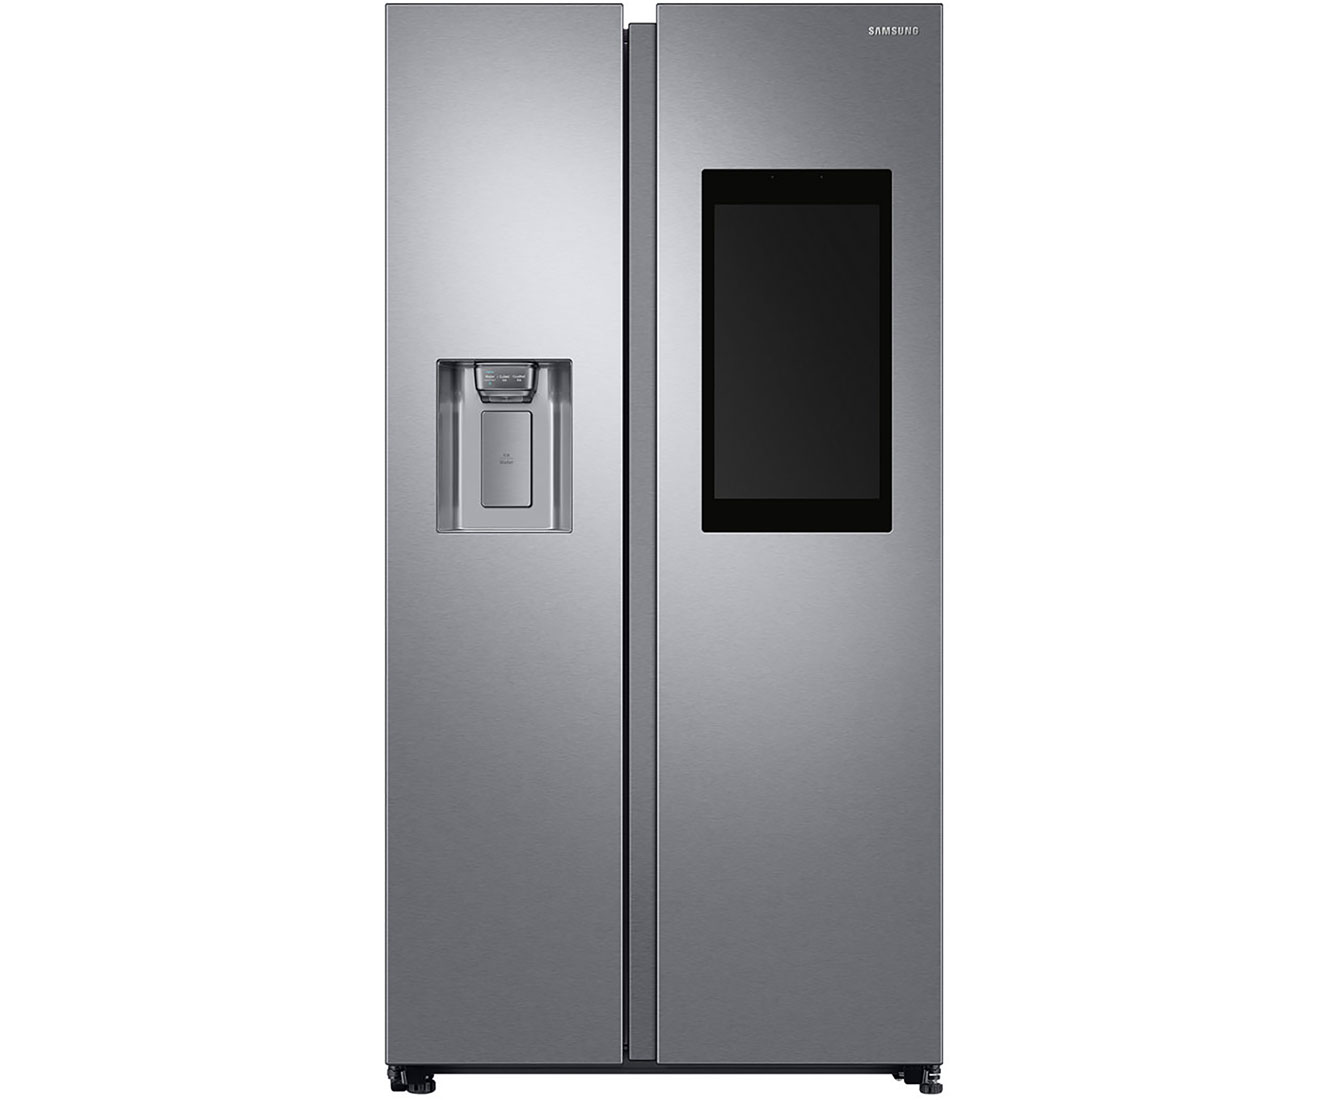 Amerikanischer Kühlschrank Kühlt Nicht Mehr : Samsung no frost kühlschrank kühlt nicht gefrierschrank richtig